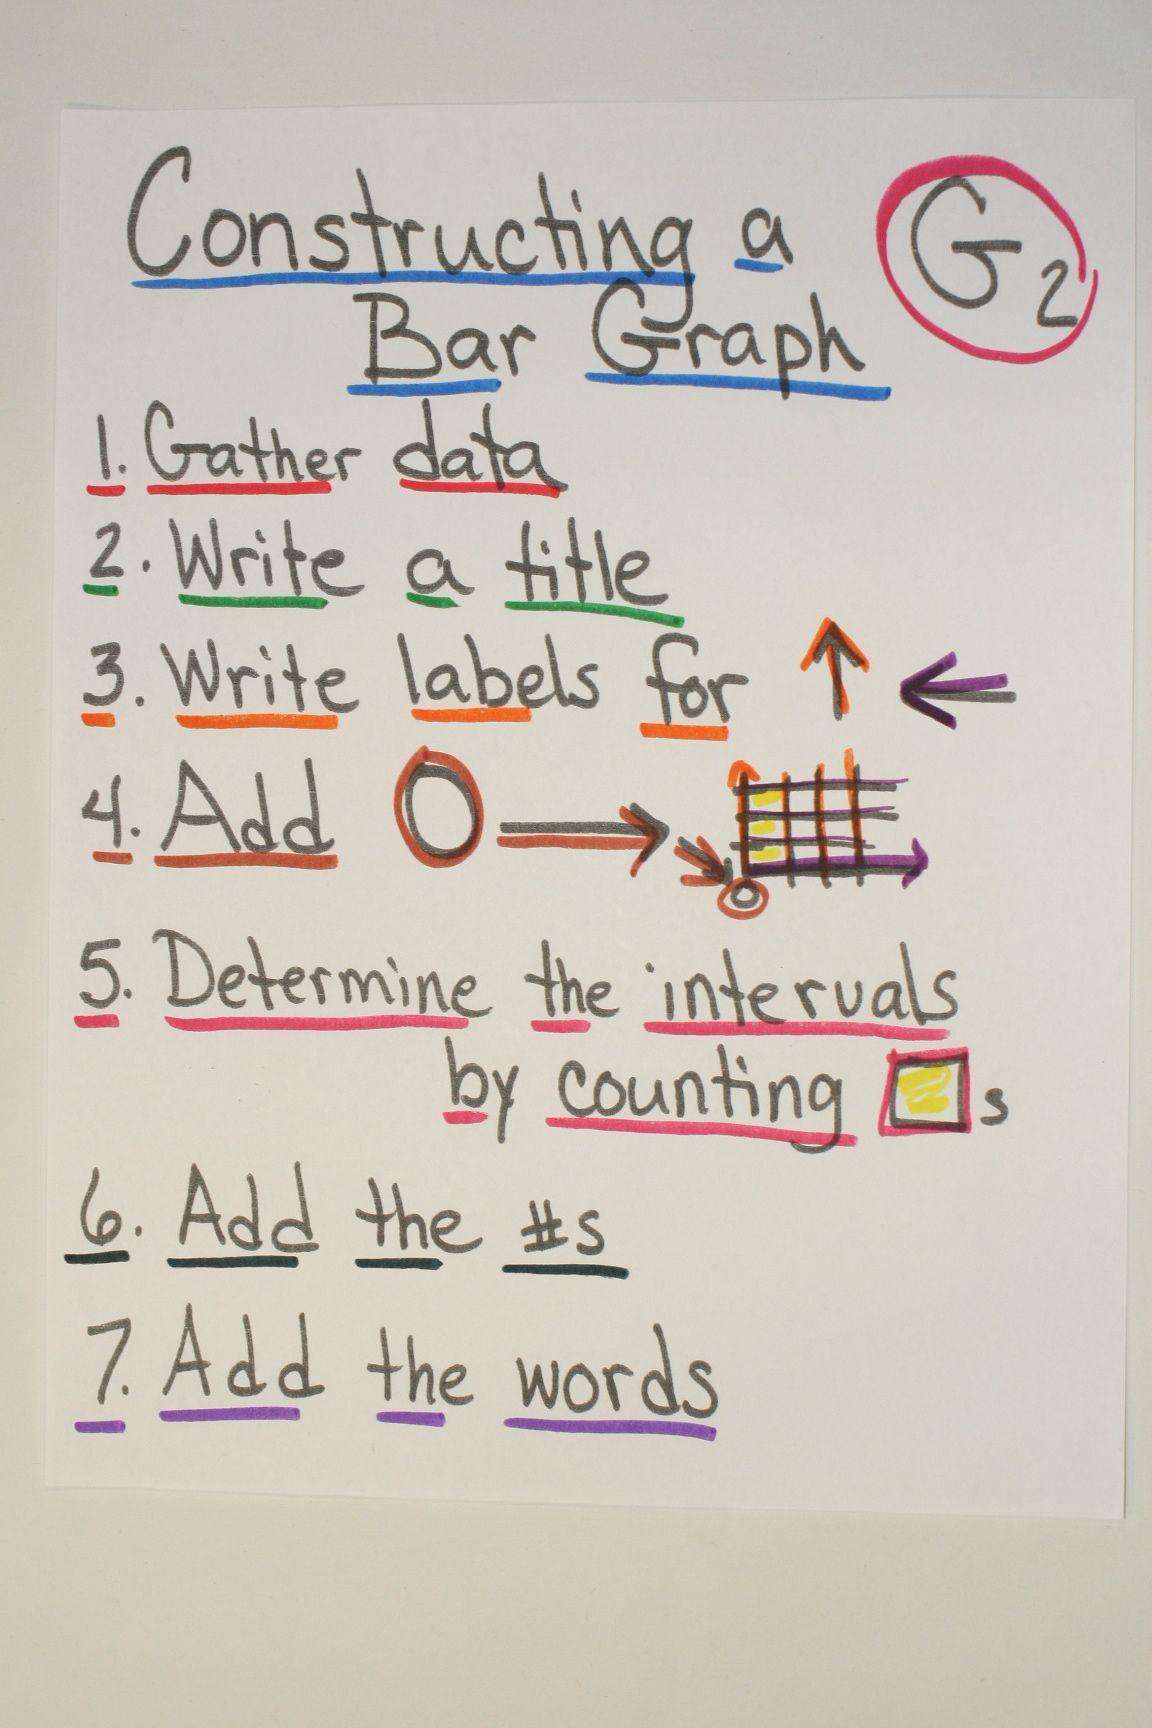 hight resolution of 30 Bar Graphs ideas   bar graphs